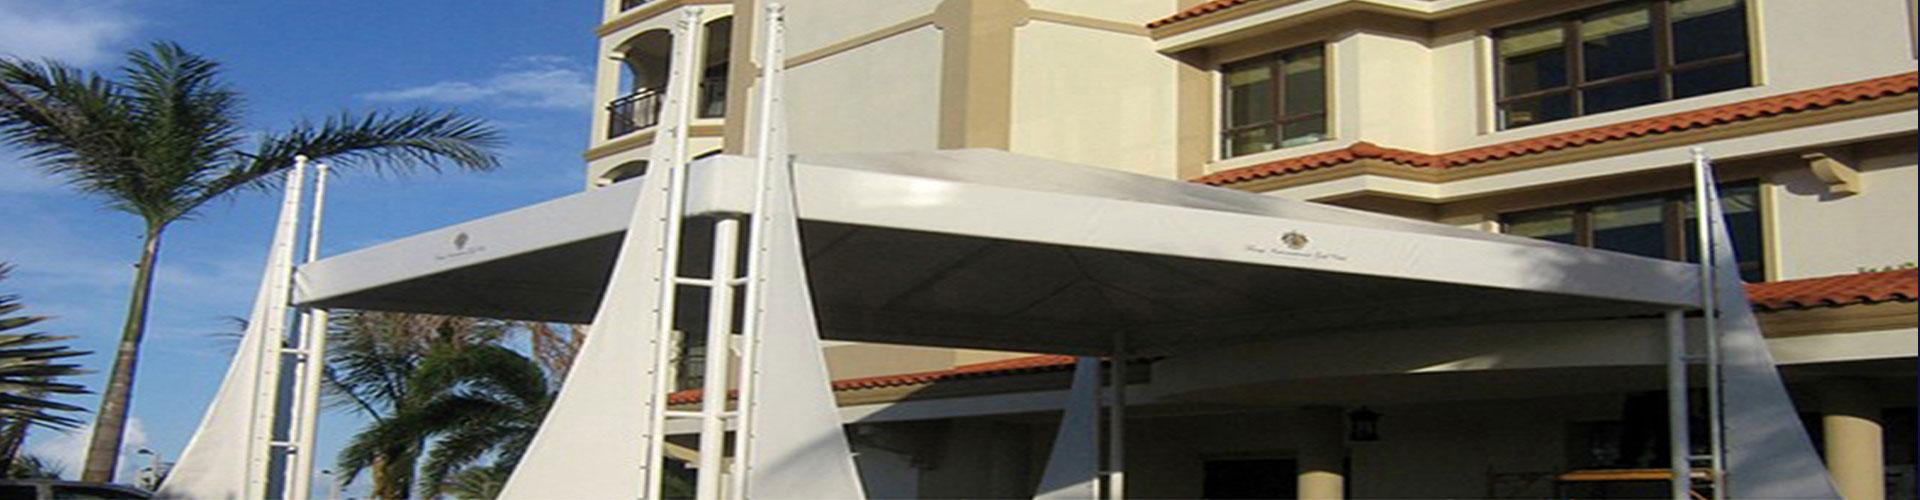 Toldos para Patios, Ventanas y Carports en Miami Patio Awnings, Windows & Carports